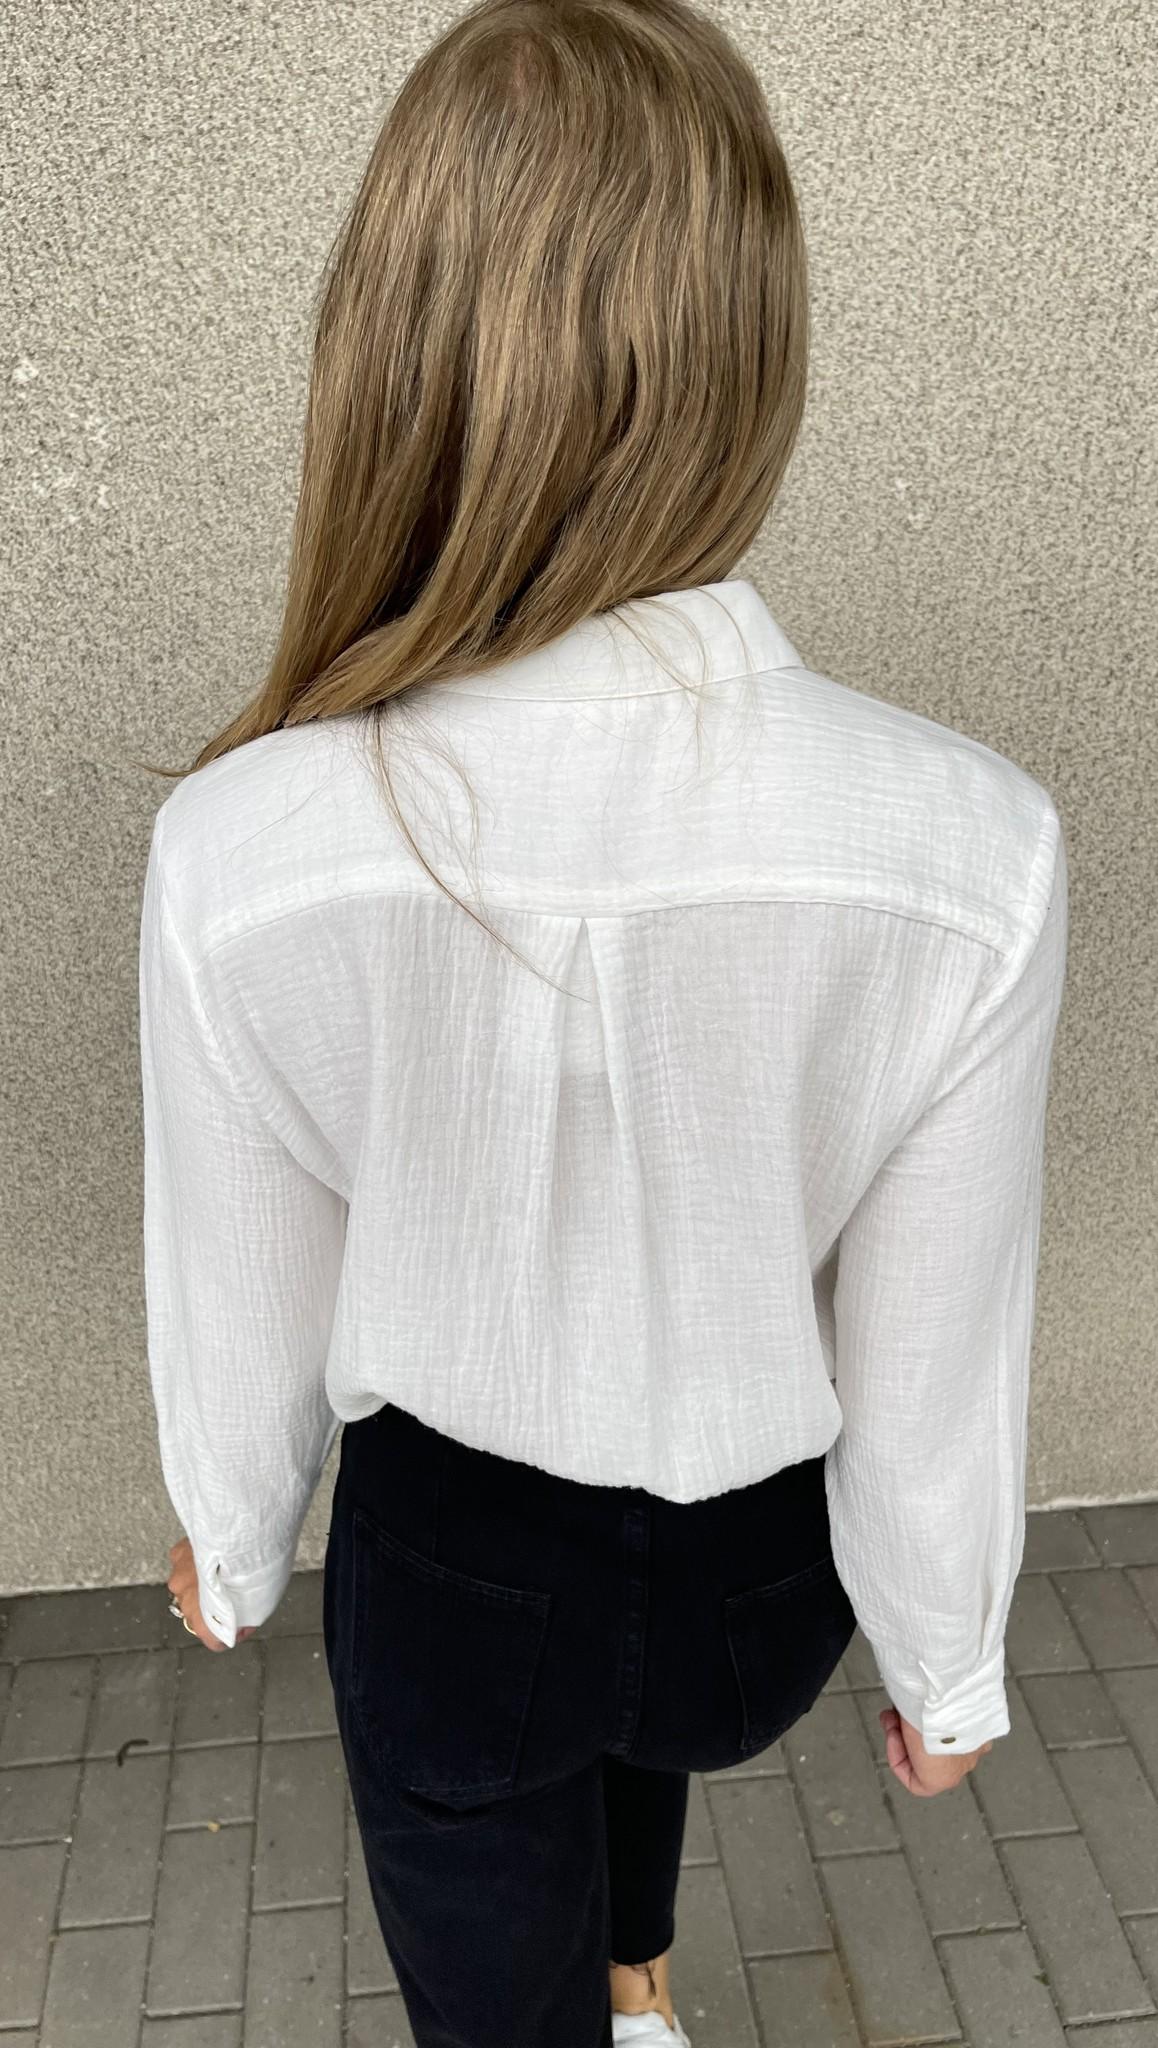 DAVY chemise-8